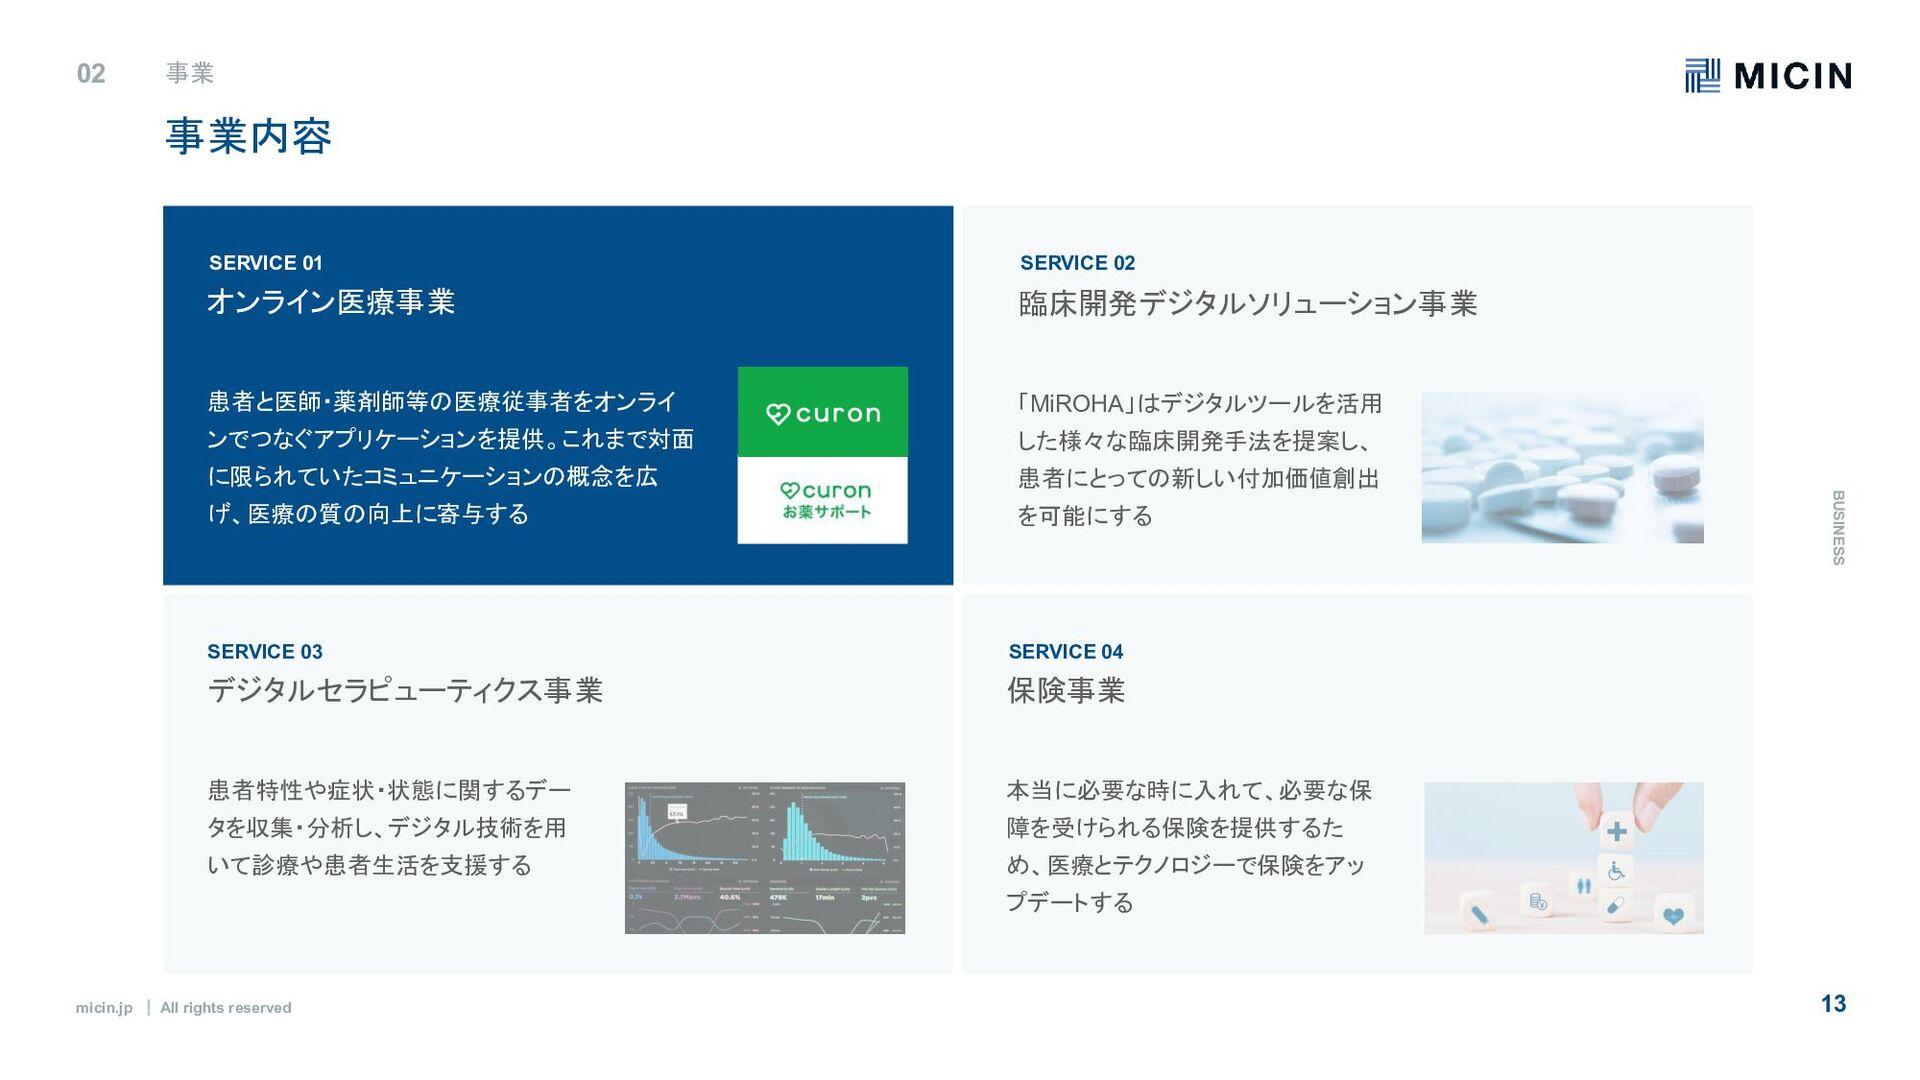 micin.jp ʛ All rights reserved 13 02 ۀ B U S I...